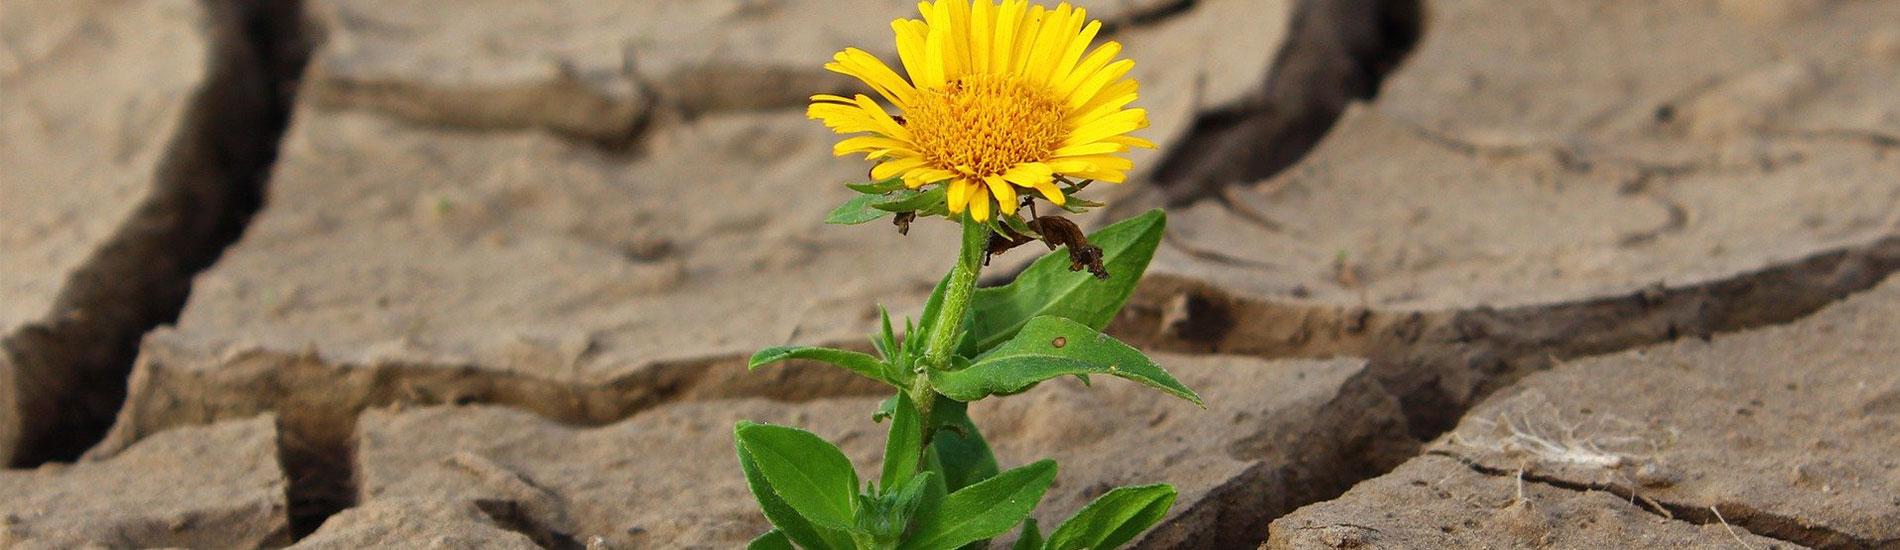 Πώς να προστατευθώ από την ξηροδερμία;